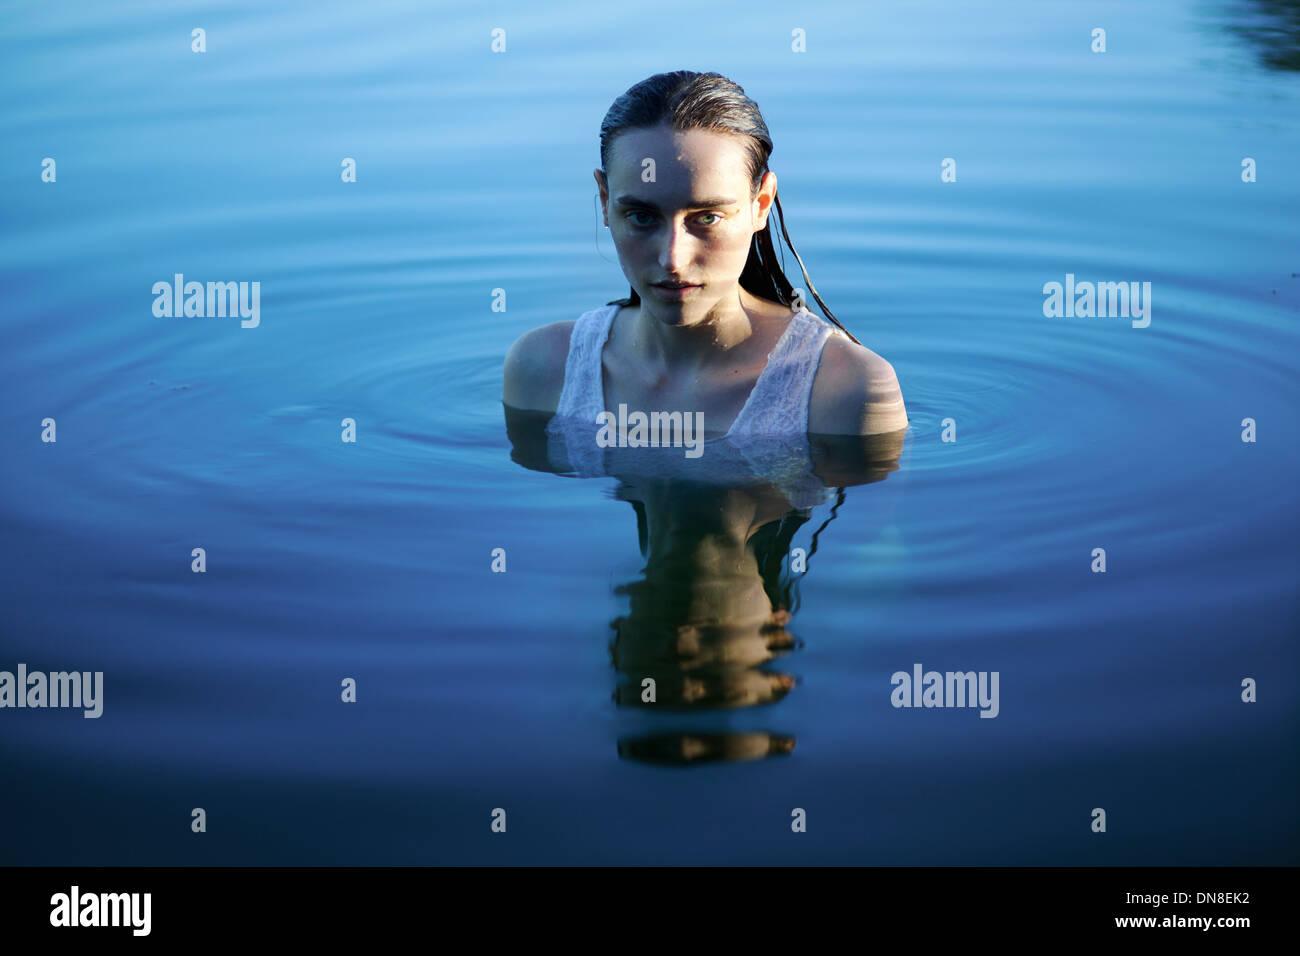 Jeune femme debout dans l'eau, portrait Banque D'Images